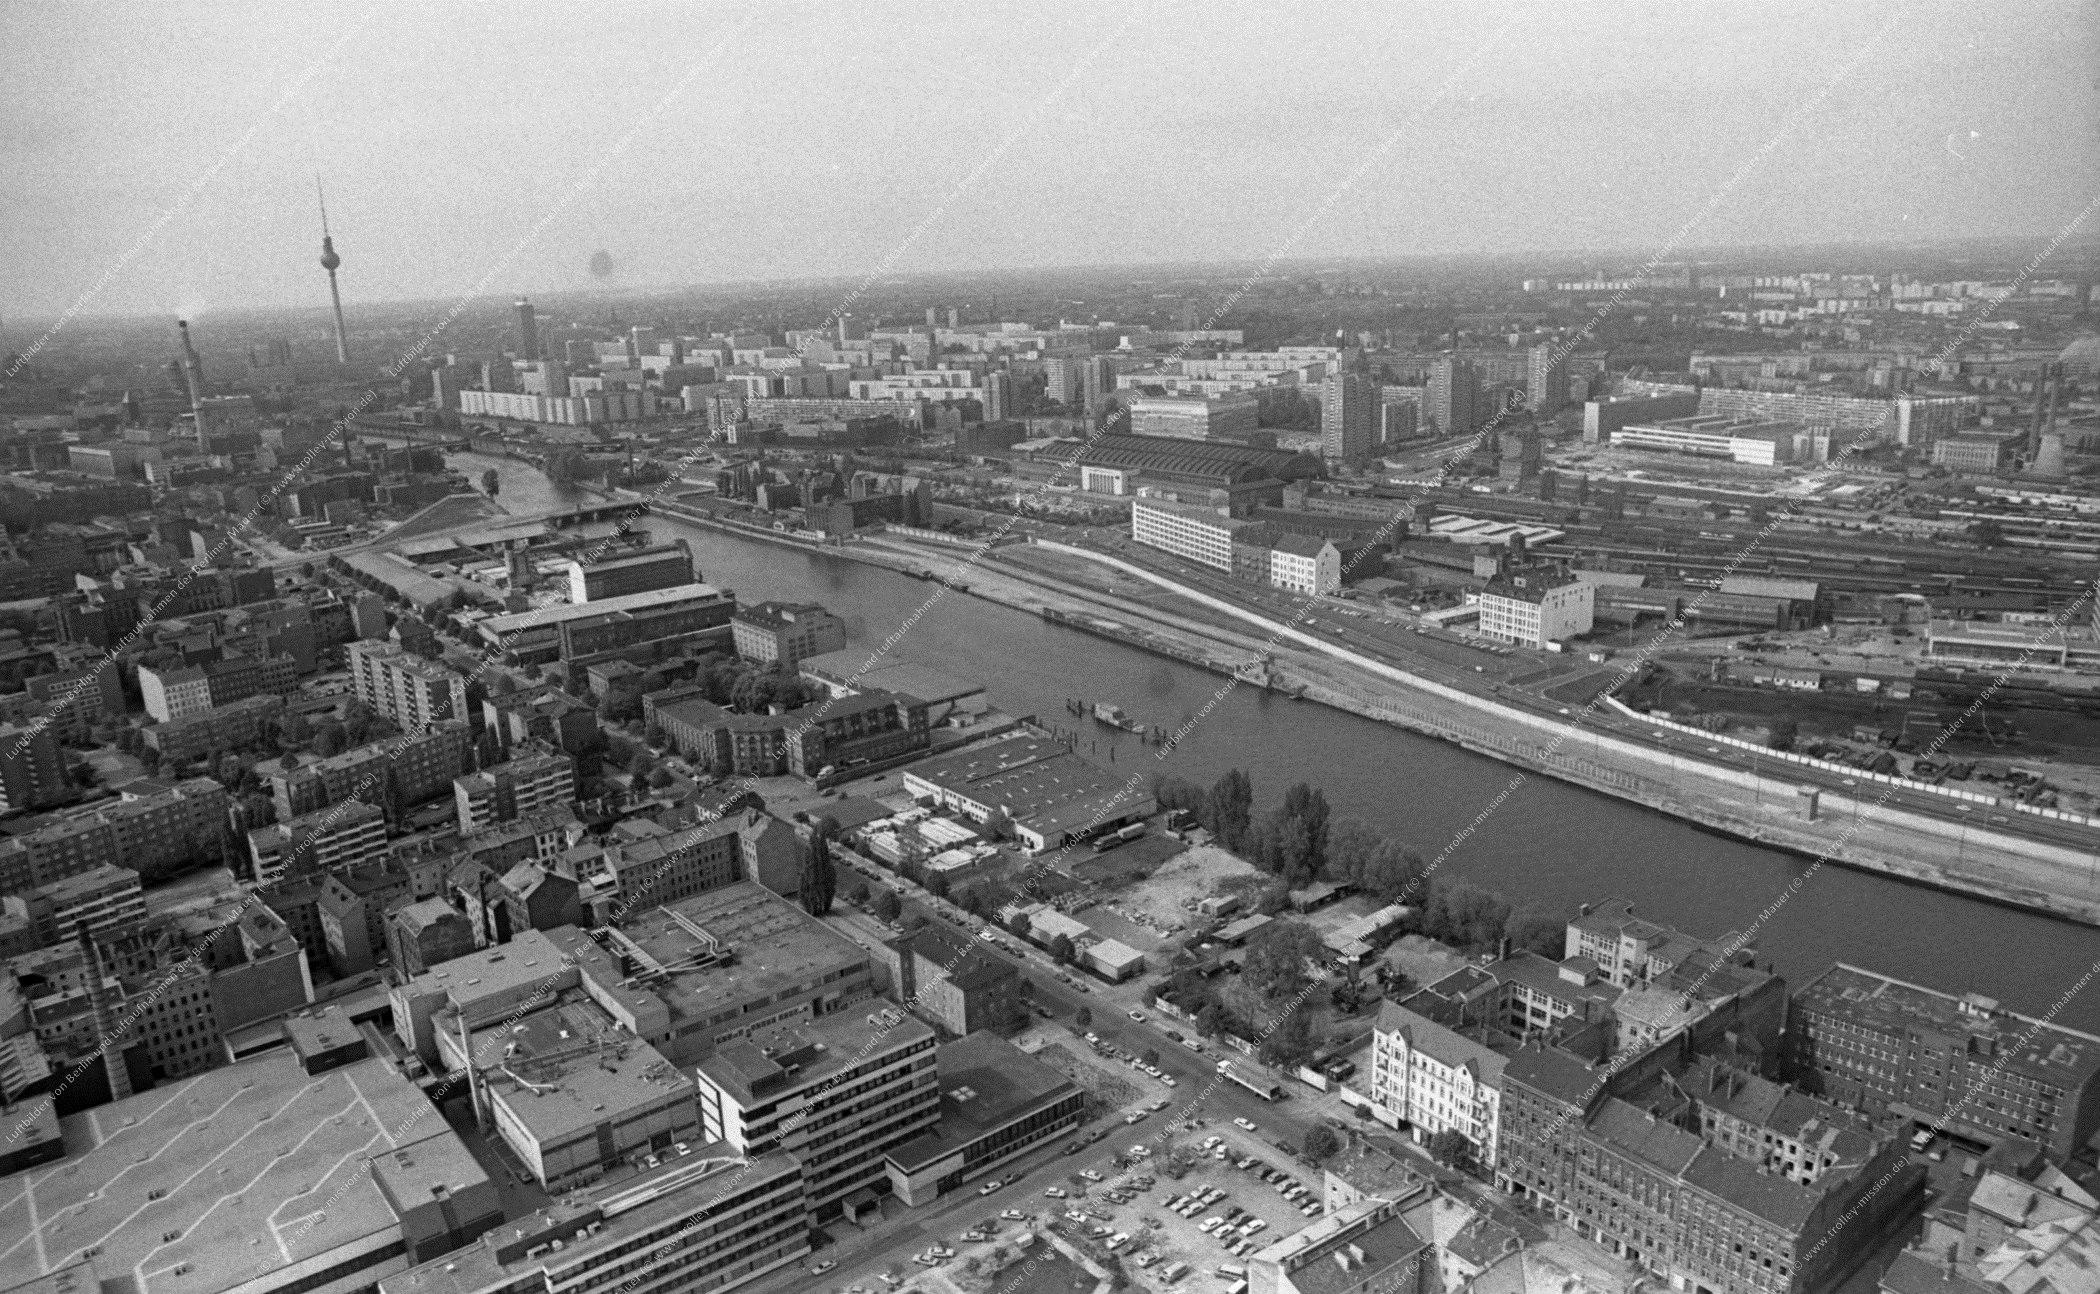 Luftbild der Spree zwischen Berlin-West und Berlin-Ost an der Schillingbrücke am 12. Mai 1982 (Bild 063)